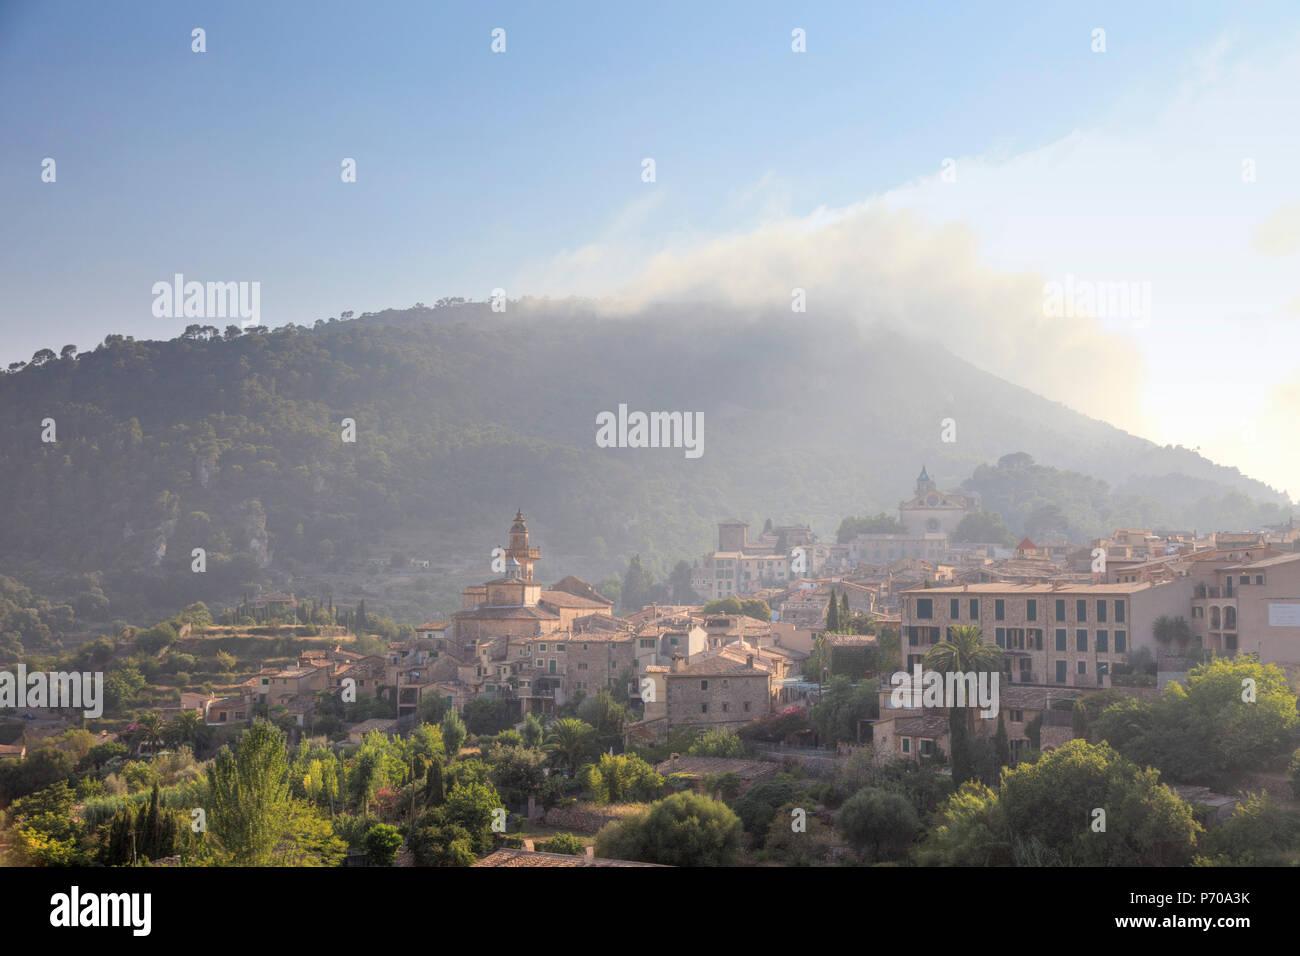 Isole Baleari Spagna, Mallorca, Valldemossa villaggio di montagna Foto Stock